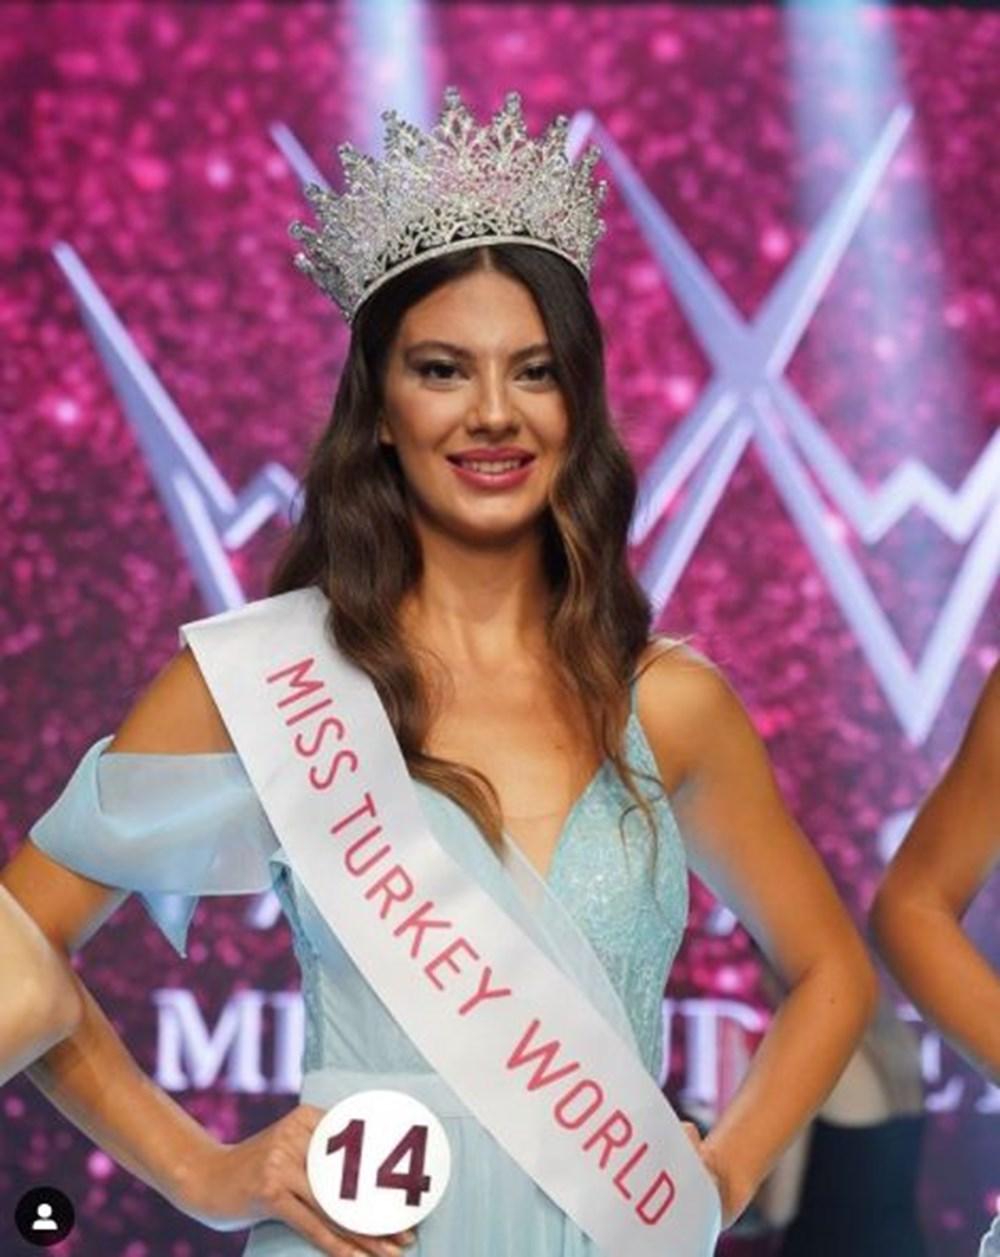 Pemenang Miss Turkey 2021 diumumkan (siapa Miss Turkey Dilara Korkmaz) - 2